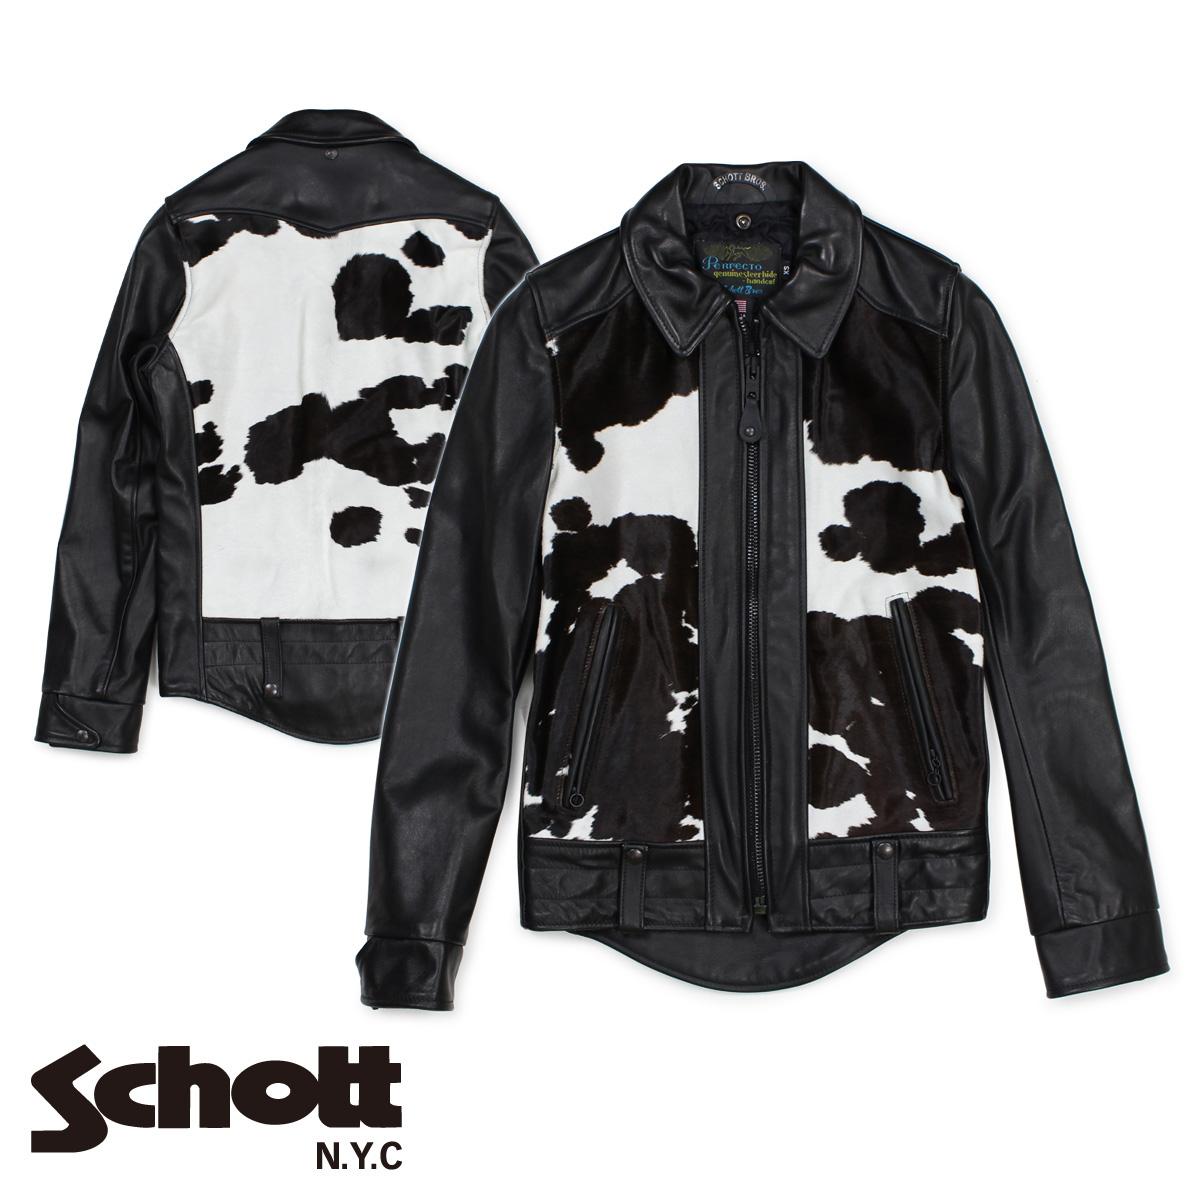 【最大2000円OFFクーポン】 ショット Schott ライダースジャケット ジャケット レザージャケット メンズ EL CAMINO 50'S WEST COAST BIKER JACKET ブラック P6422